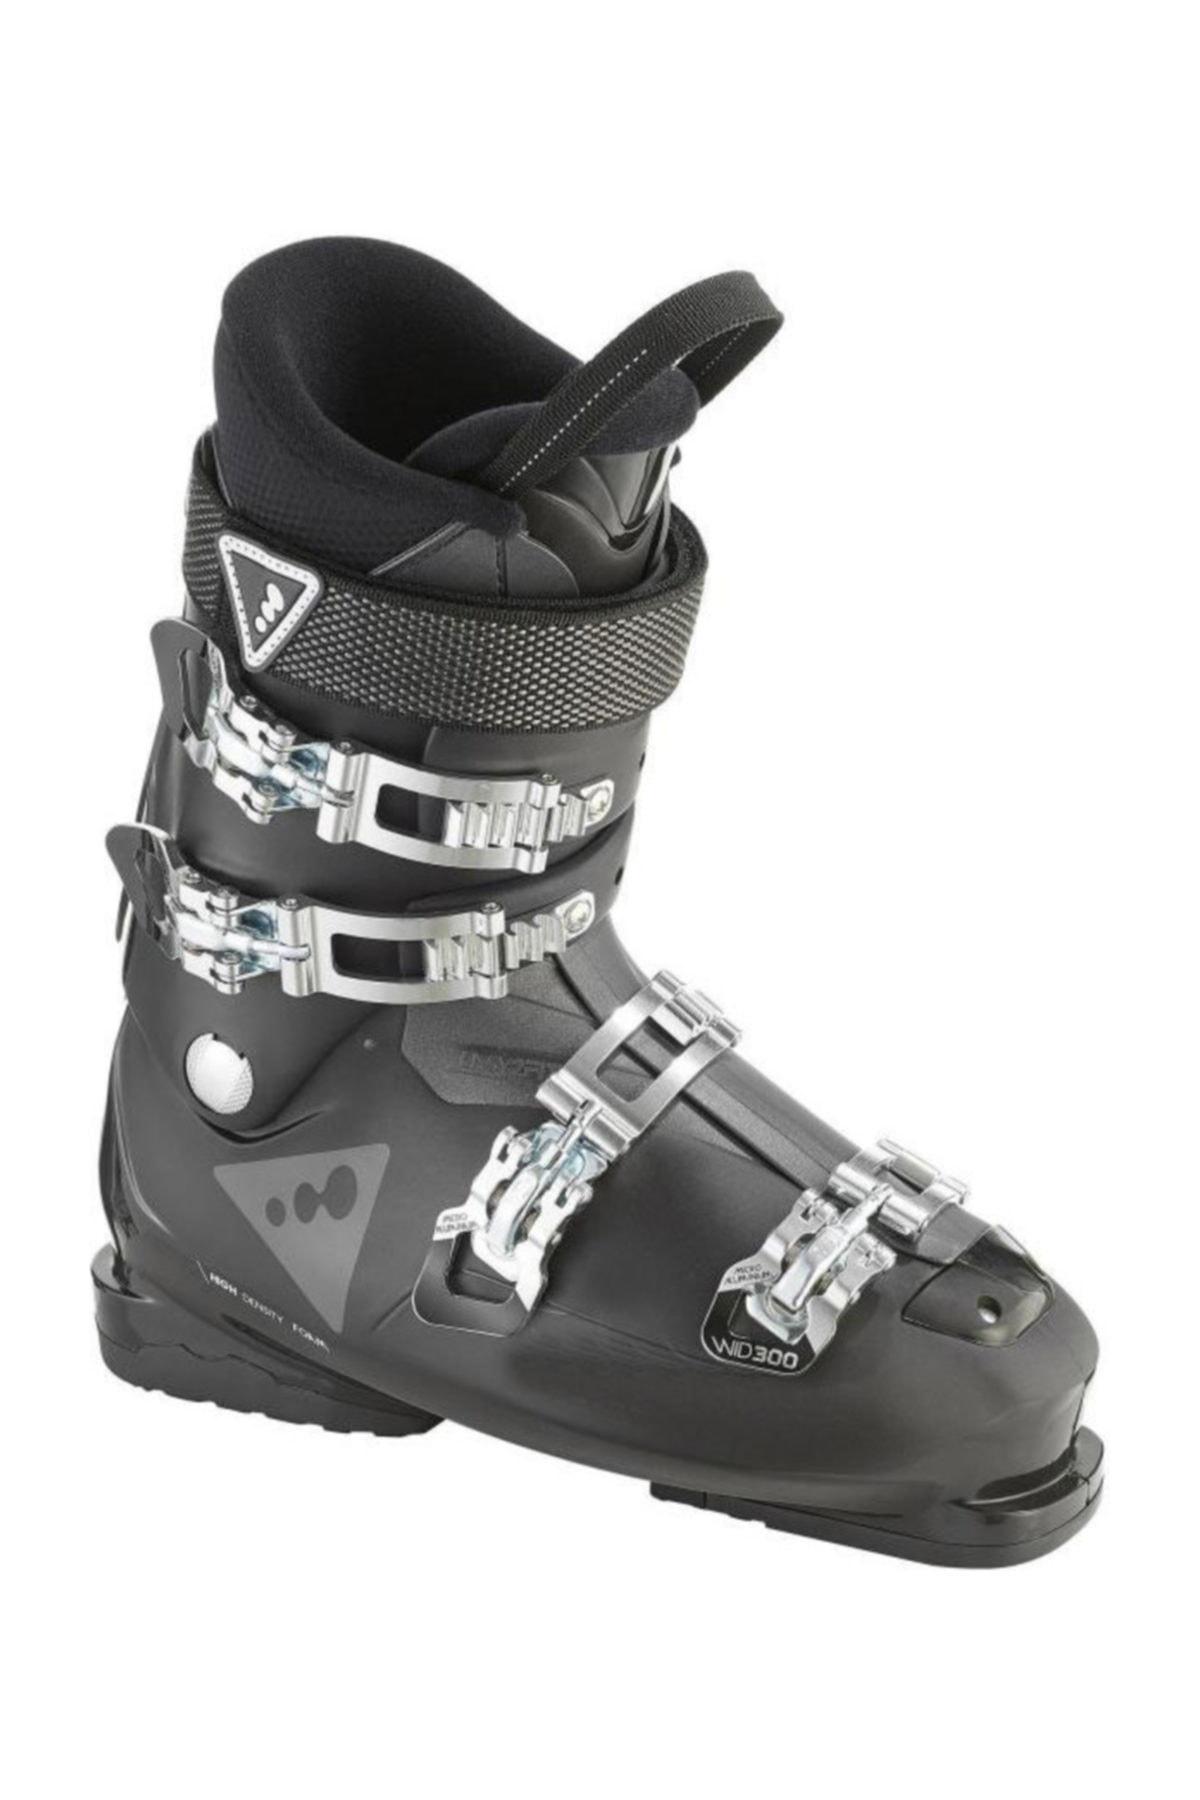 WEDZE Erkek Kayak Ayakkabısı Isı Yalıtımlı Ayarlanabilir Yapı Vücuda Uygunluk 1